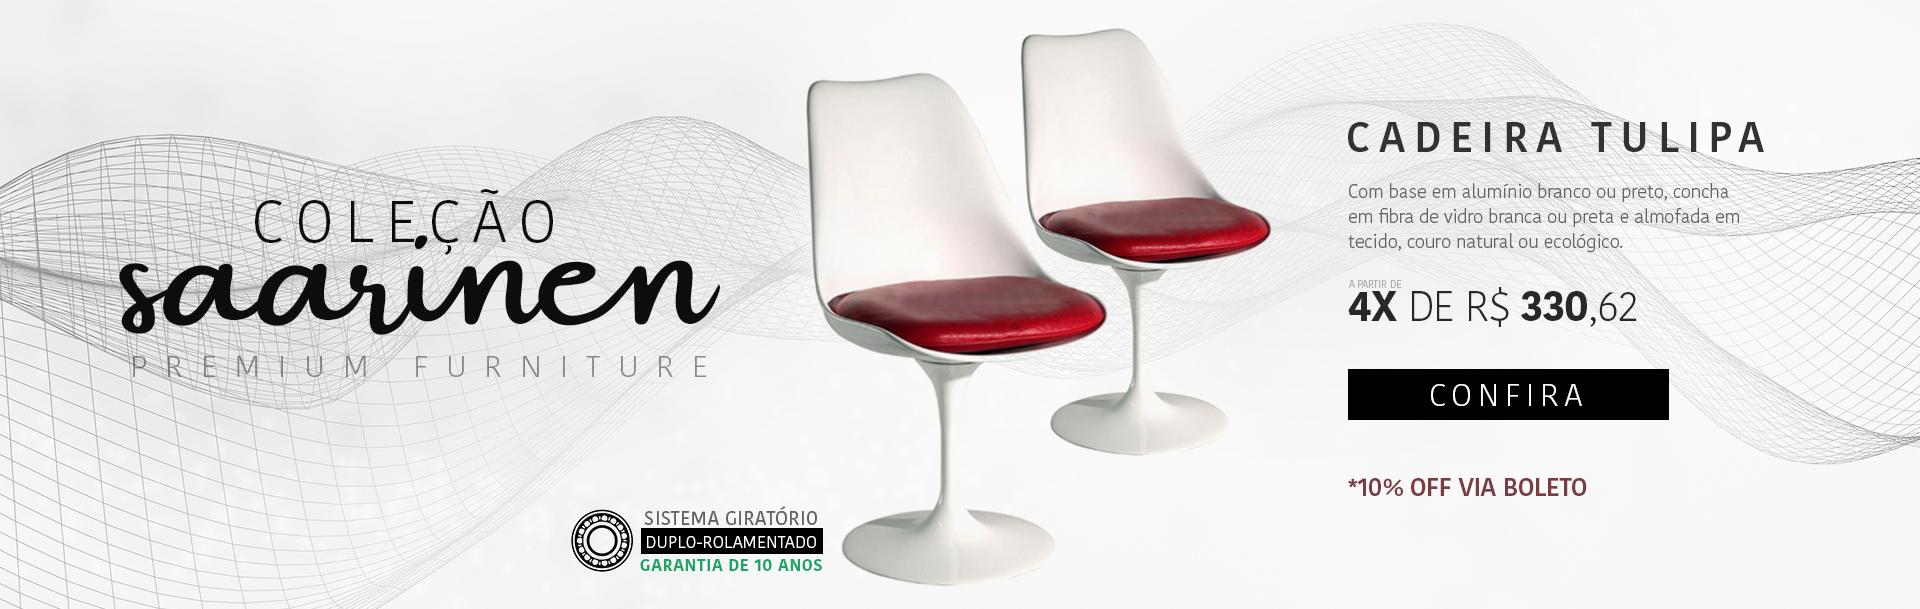 Coleção Saarinen - Tulipa sem braço